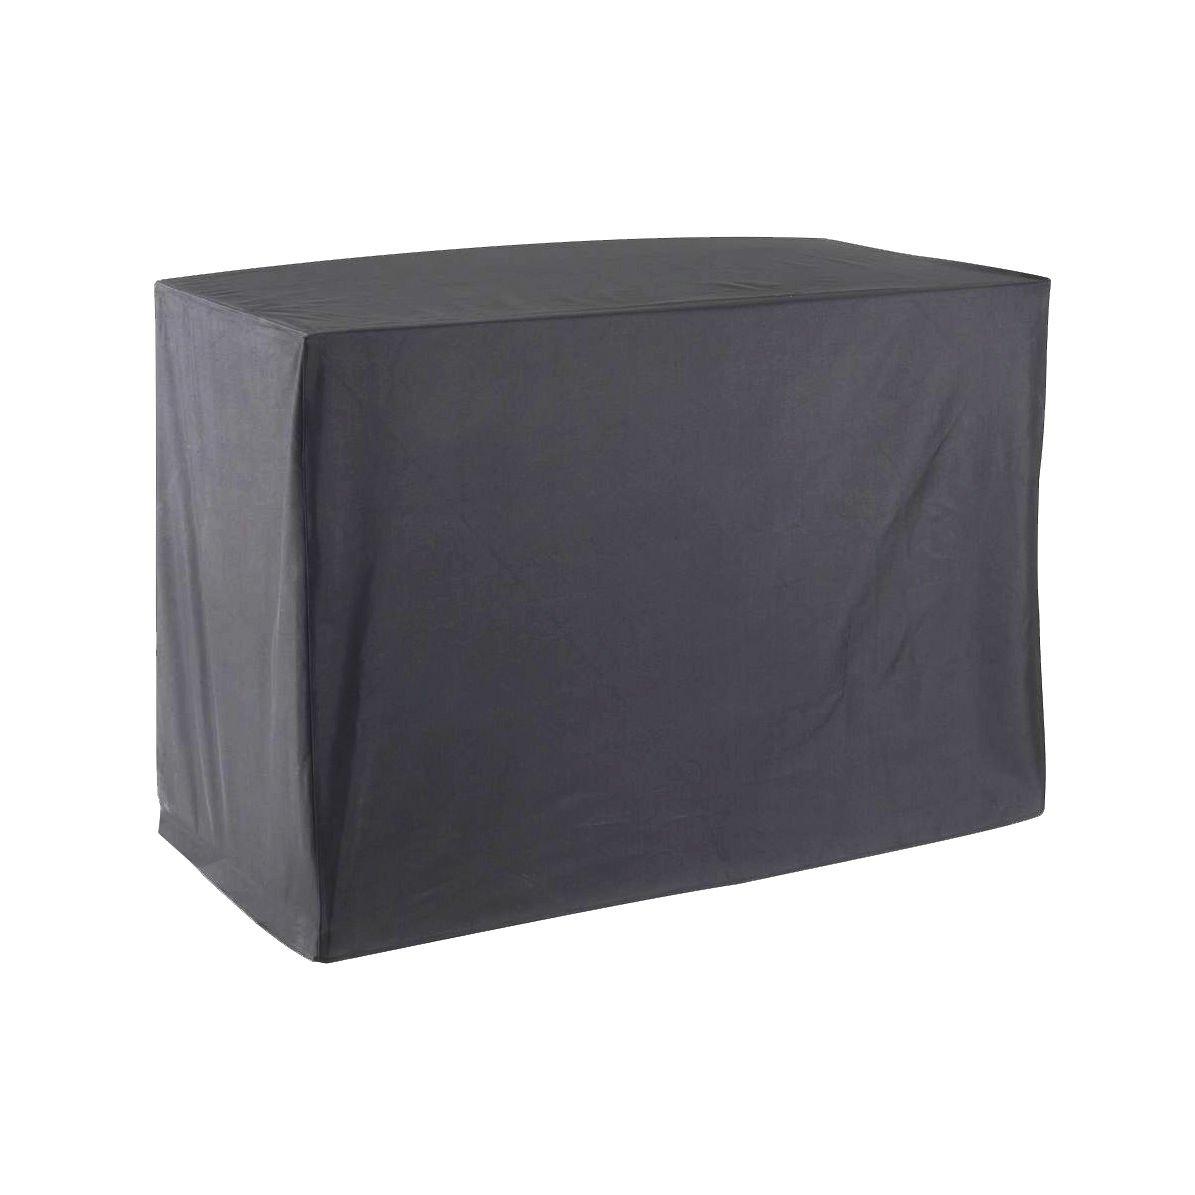 Funda protectora para plancha de carrito de alta calidad en poliéster, 120 x 60 x 90 cm, color gris antracita: Amazon.es: Jardín